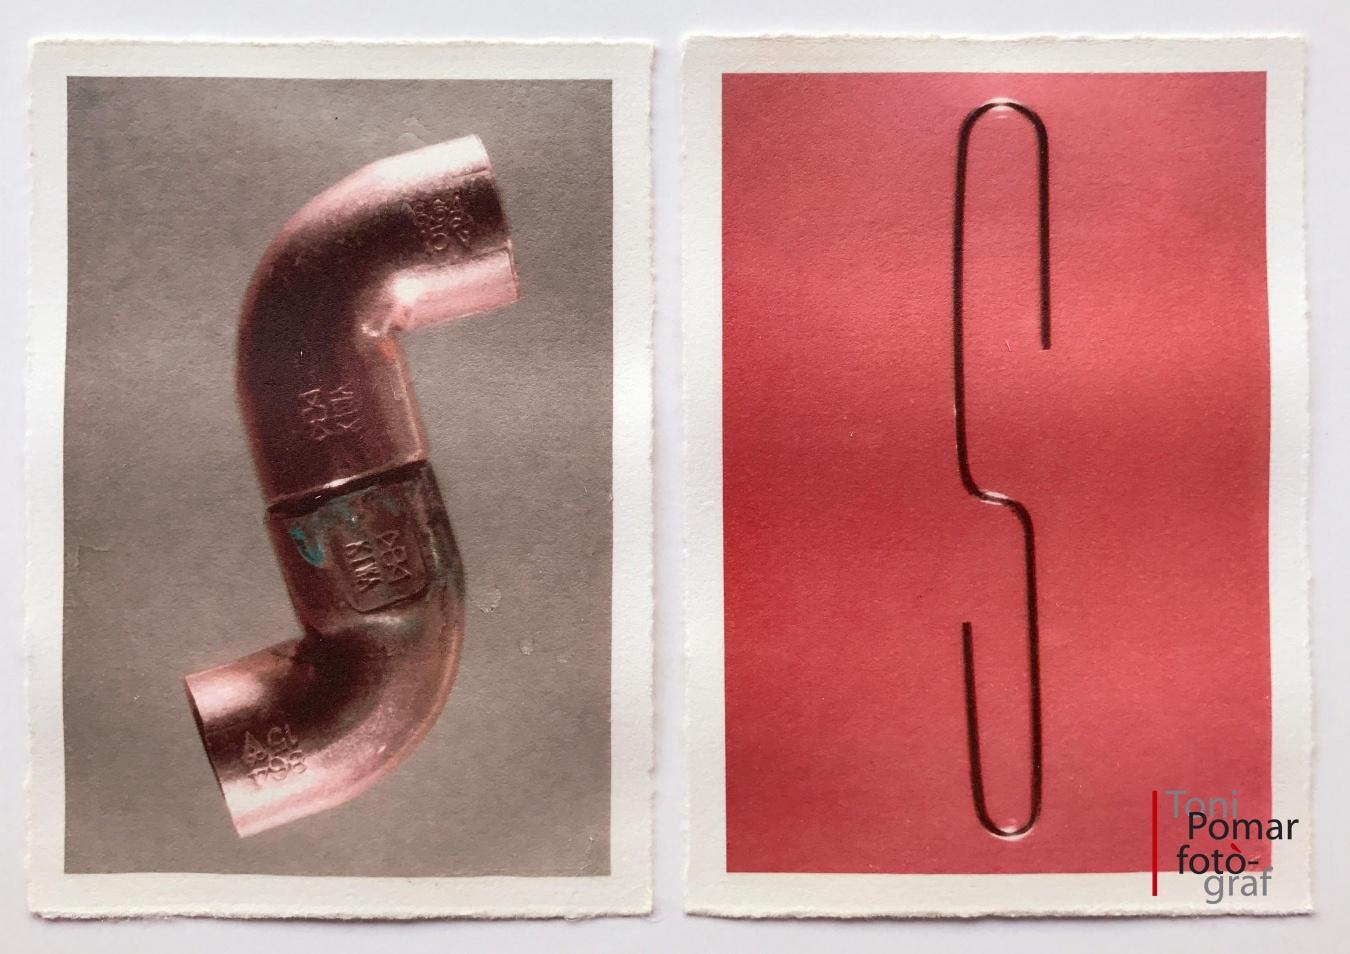 S - Colzes de tub de coure de 15 mm  | s - Clip desdoblegat  - Alfabet - Toni Pomar. Alfabet